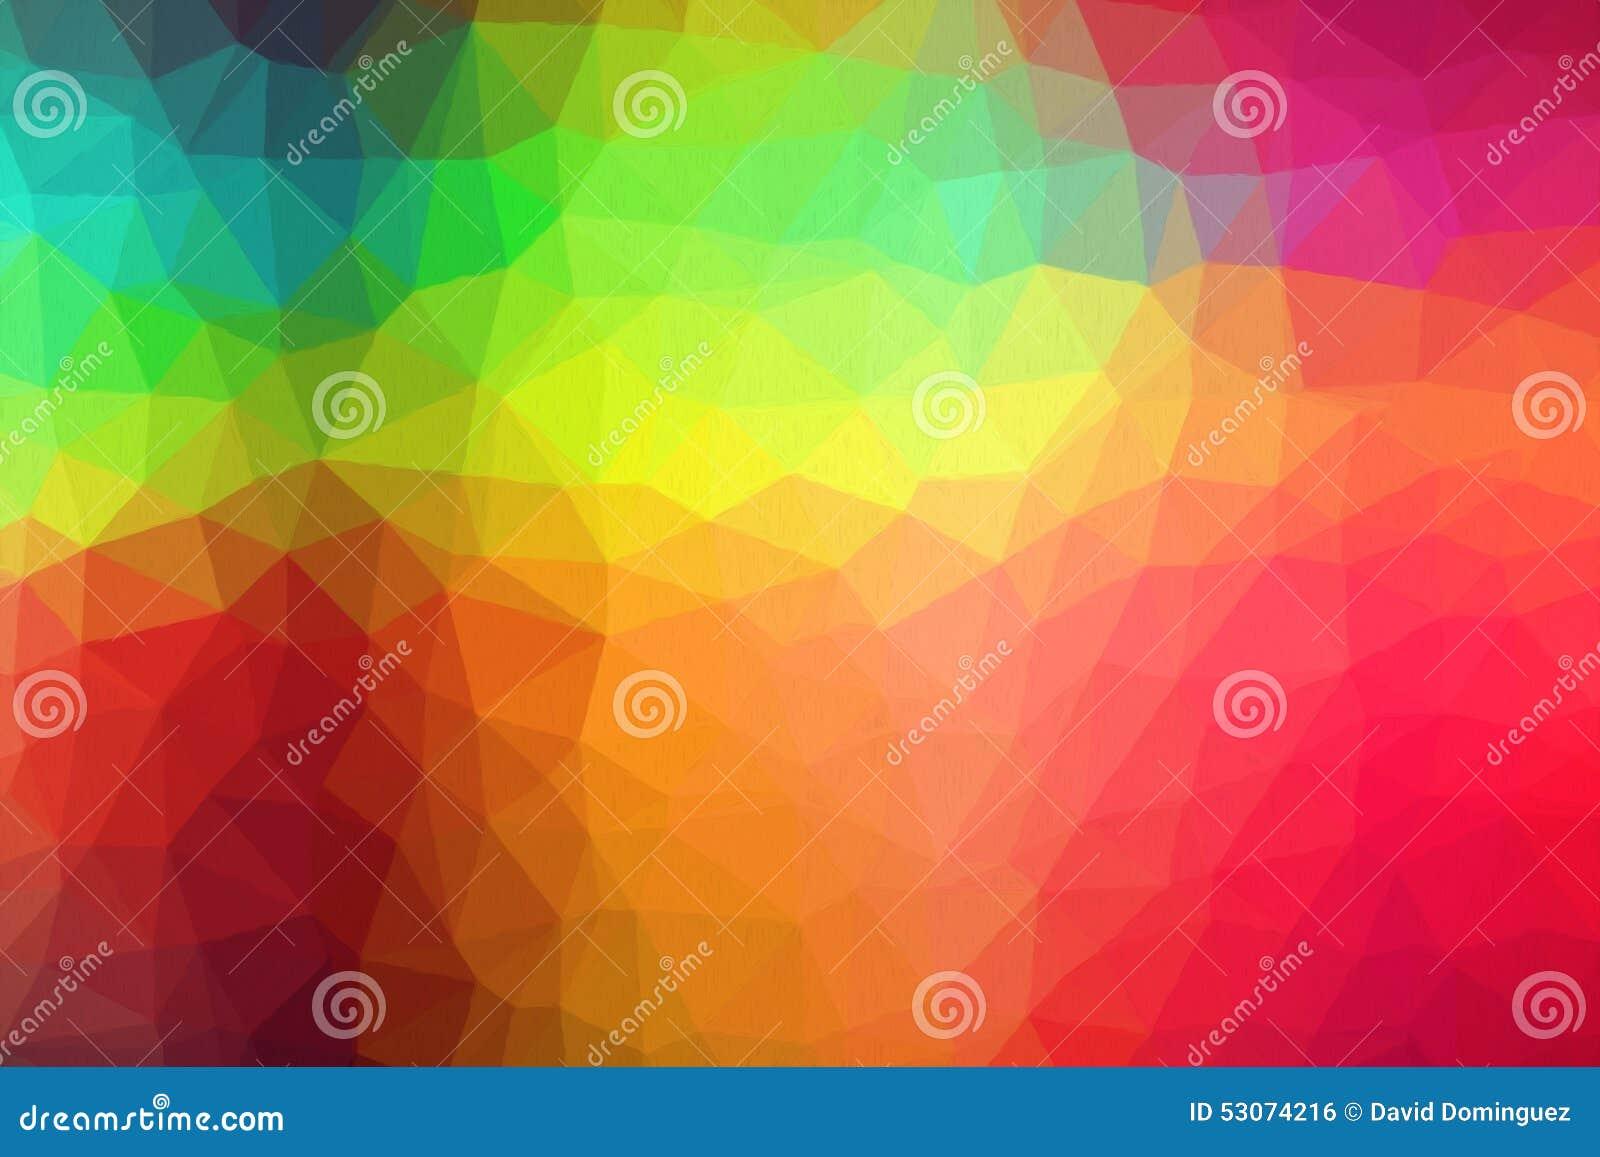 Fondo colorido de la textura